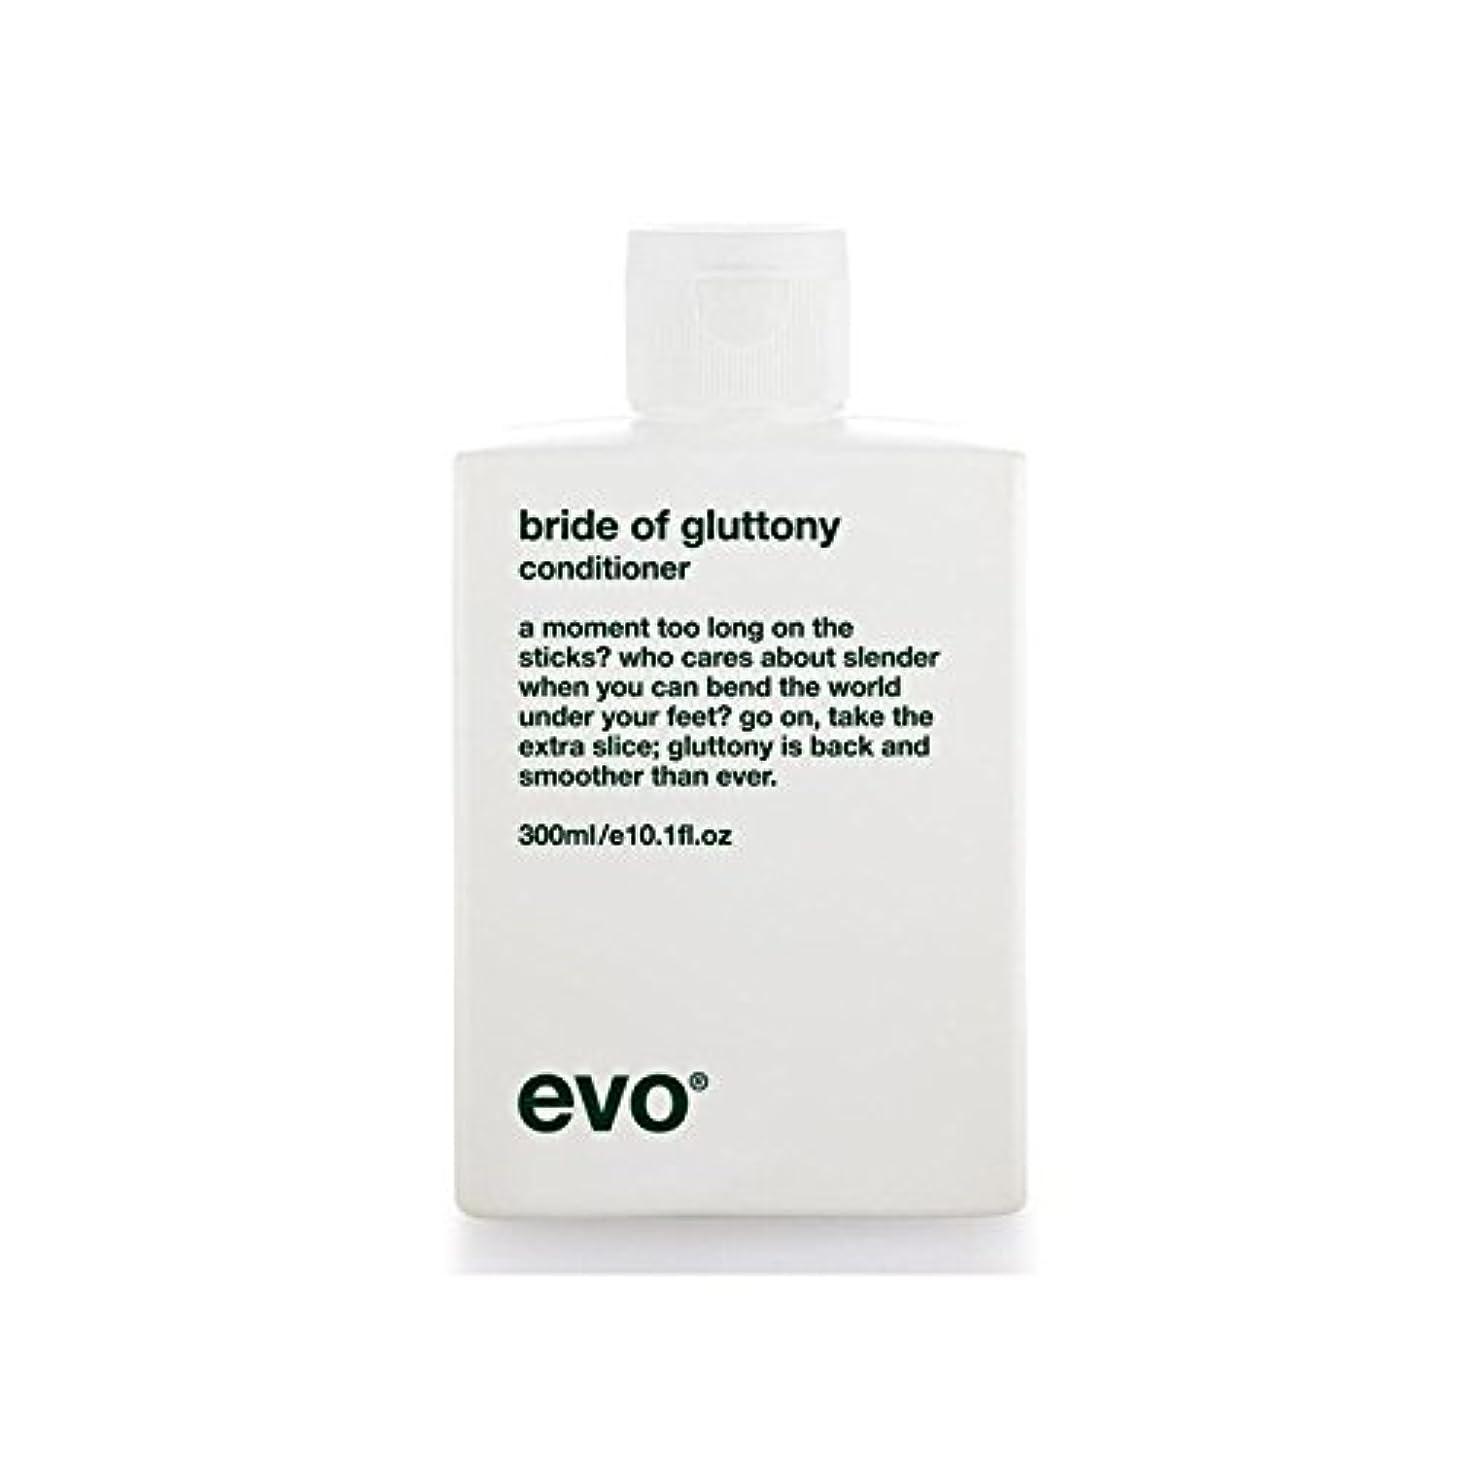 飽食のボリュームコンディショナーのエボ花嫁 x4 - Evo Bride Of Gluttony Volume Conditioner (Pack of 4) [並行輸入品]